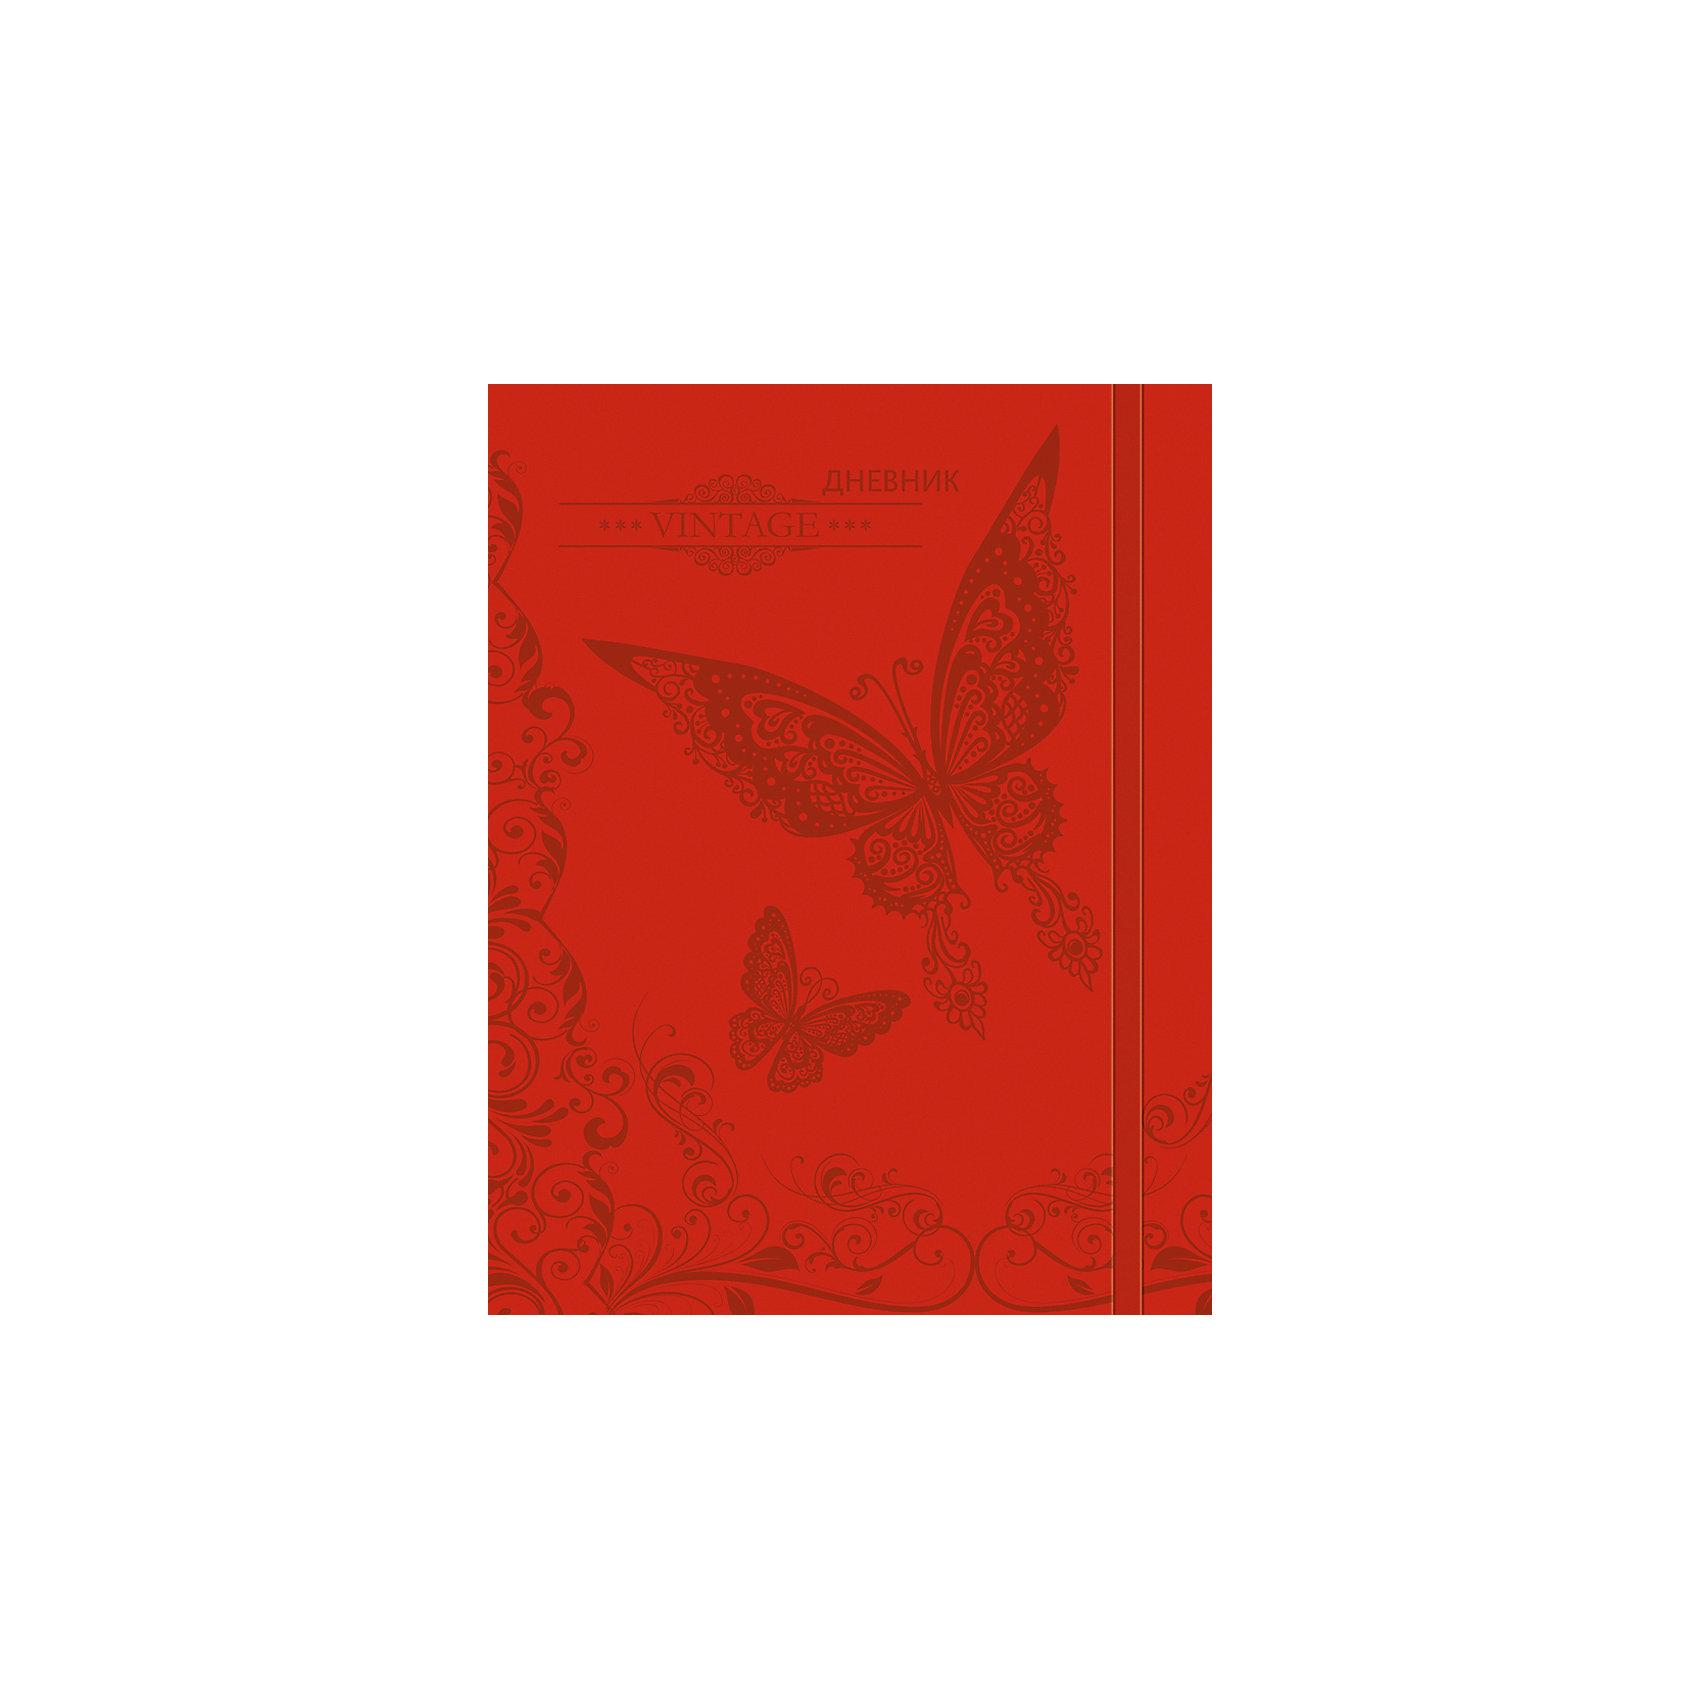 Дневник. Универсальный блок.Бумажная продукция<br>ДНЕВНИК УНИВЕРСАЛЬНЫЙ.Интегральный переплет с использованием итальянских переплетных материалов, с тиснением, цветочный орнамент, с резинкой. Внутренний блок -  70 г/м2., незапечатанный форзац.<br><br>Ширина мм: 215<br>Глубина мм: 170<br>Высота мм: 5<br>Вес г: 210<br>Возраст от месяцев: 36<br>Возраст до месяцев: 216<br>Пол: Унисекс<br>Возраст: Детский<br>SKU: 6992535